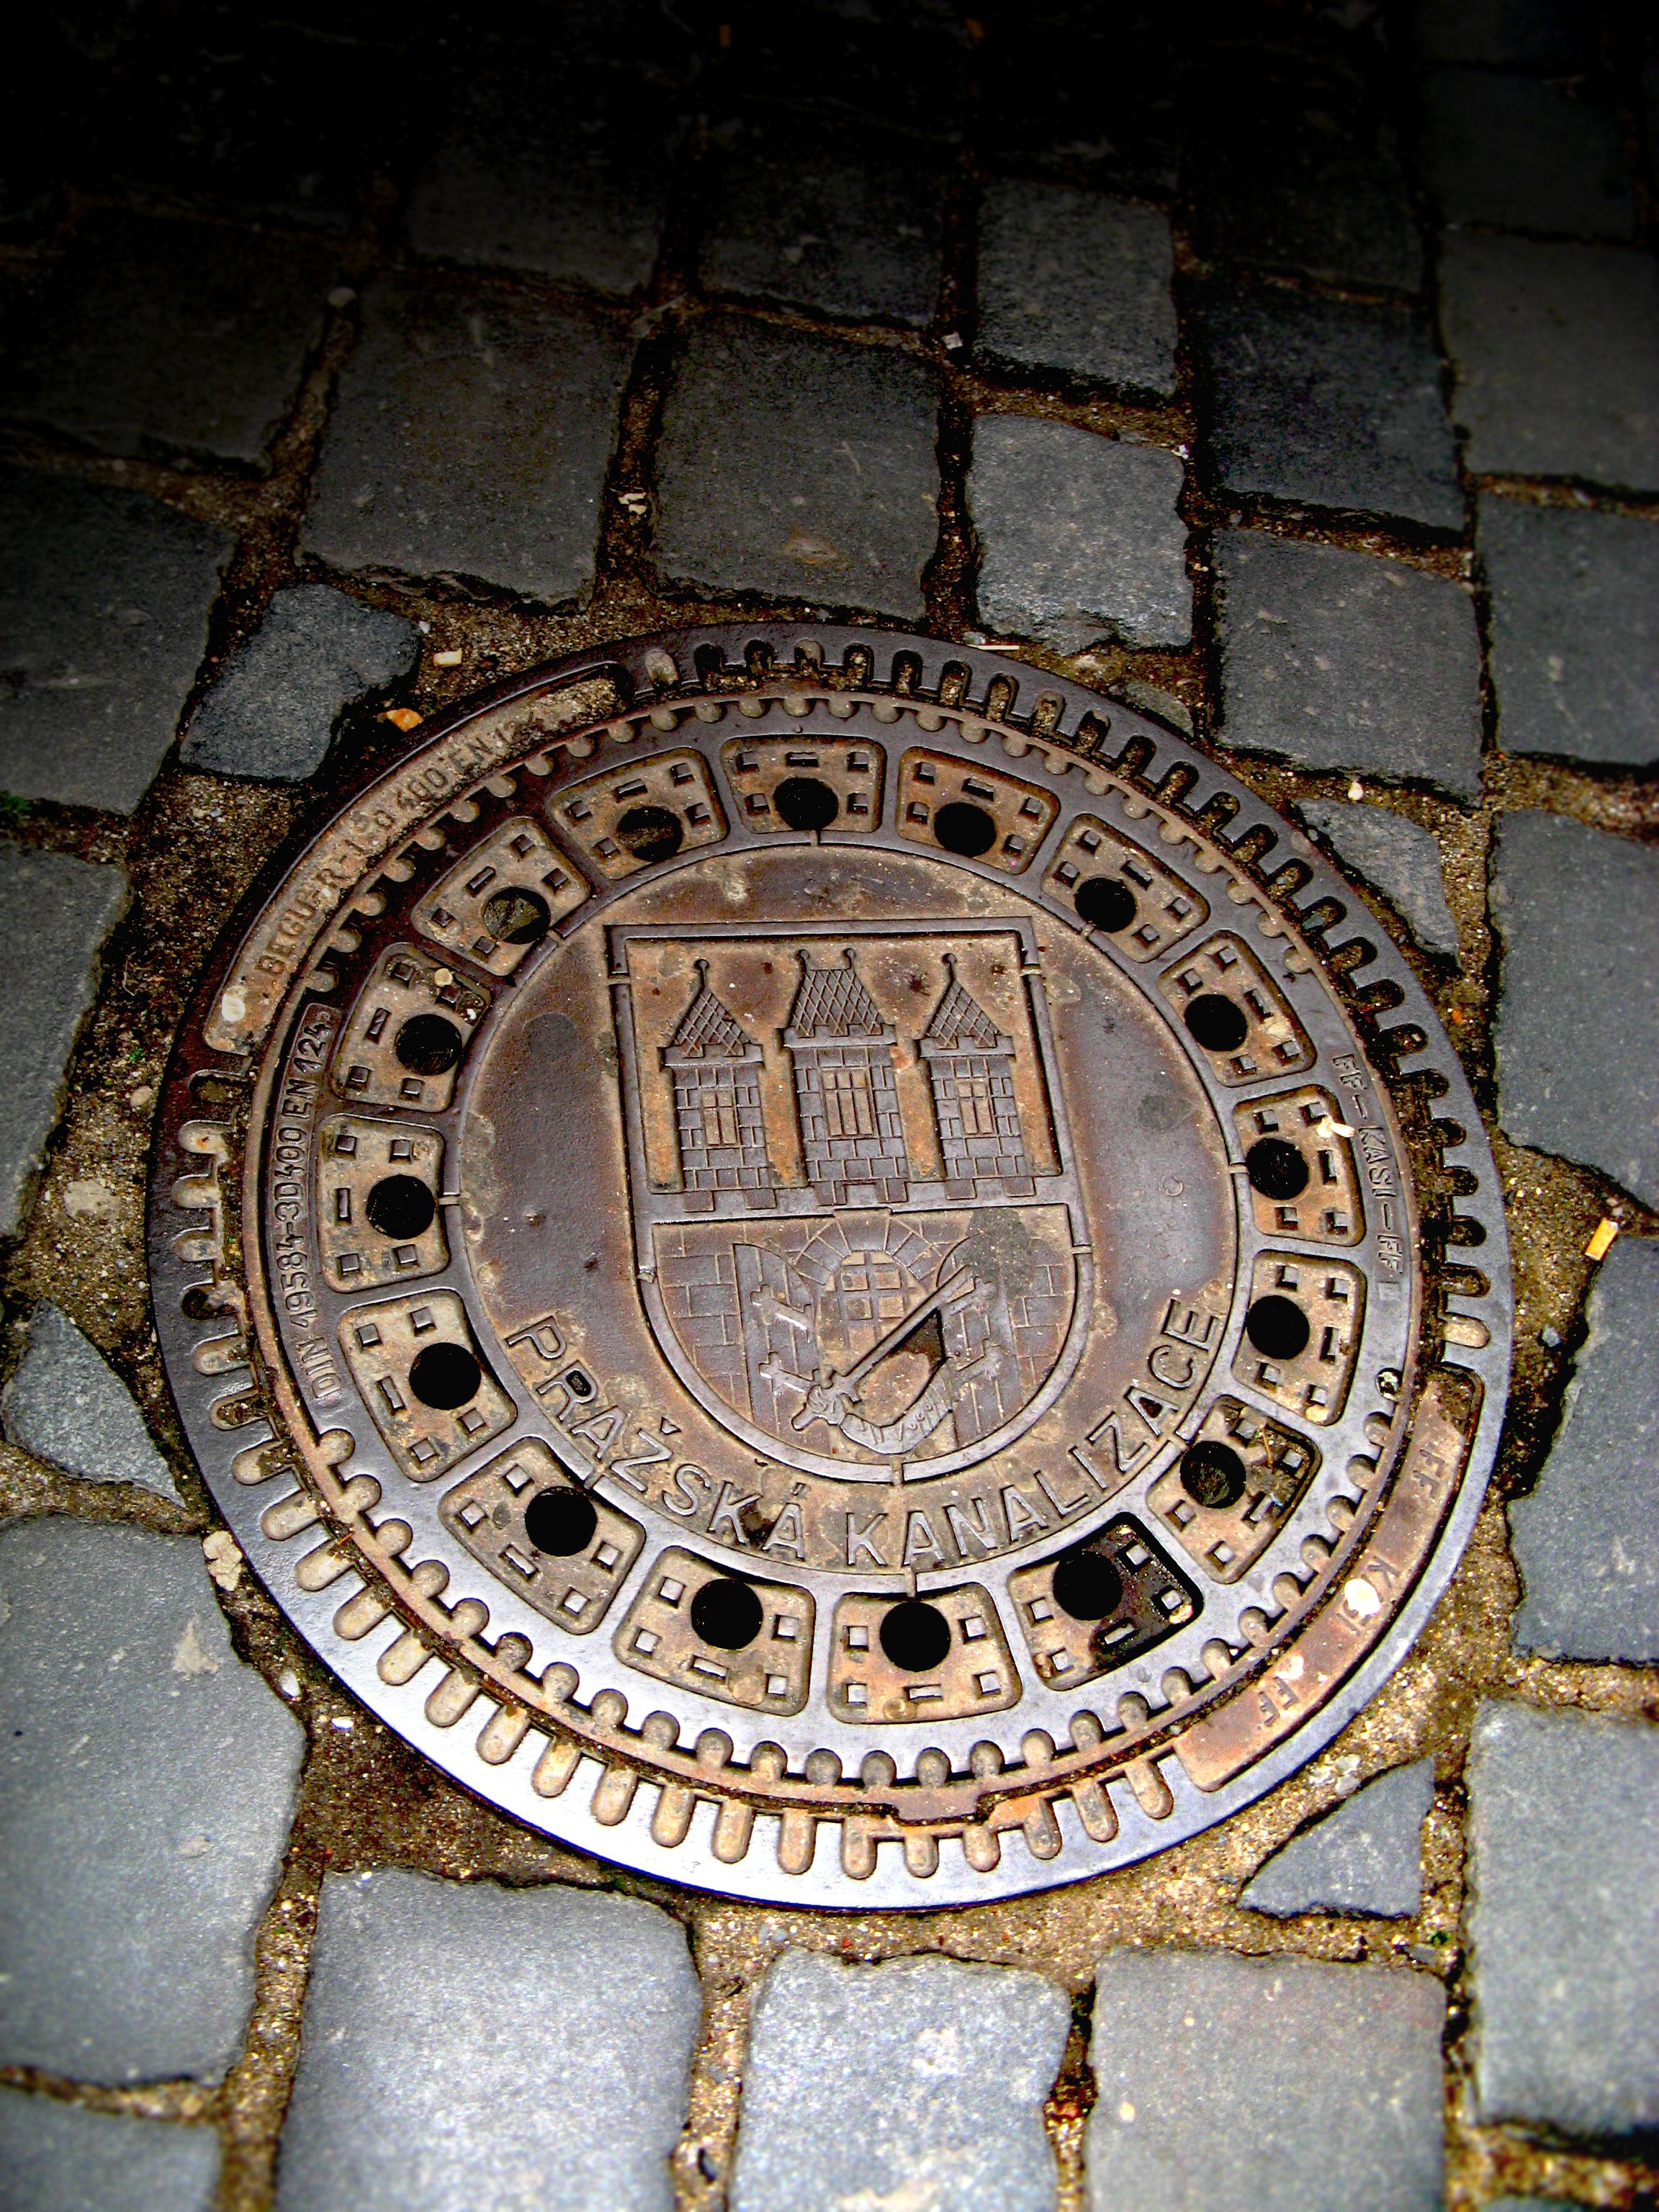 prague manhole copy.jpg